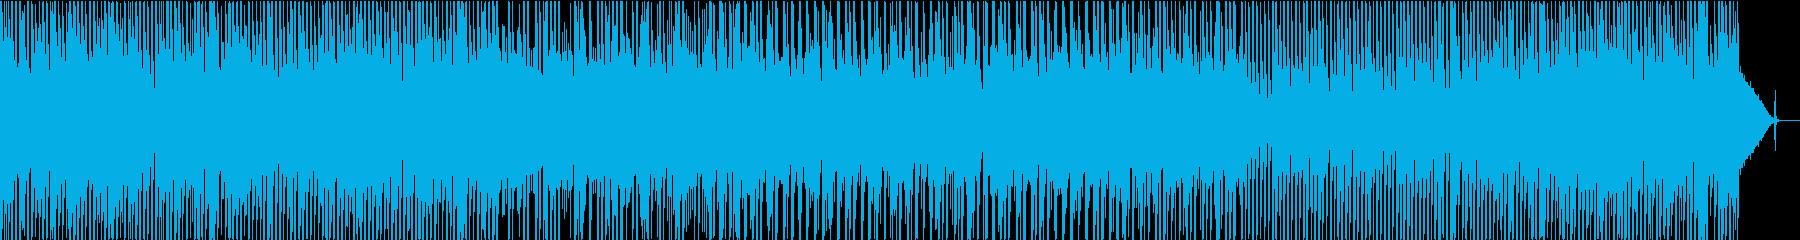 のんびりカントリーフォークの再生済みの波形